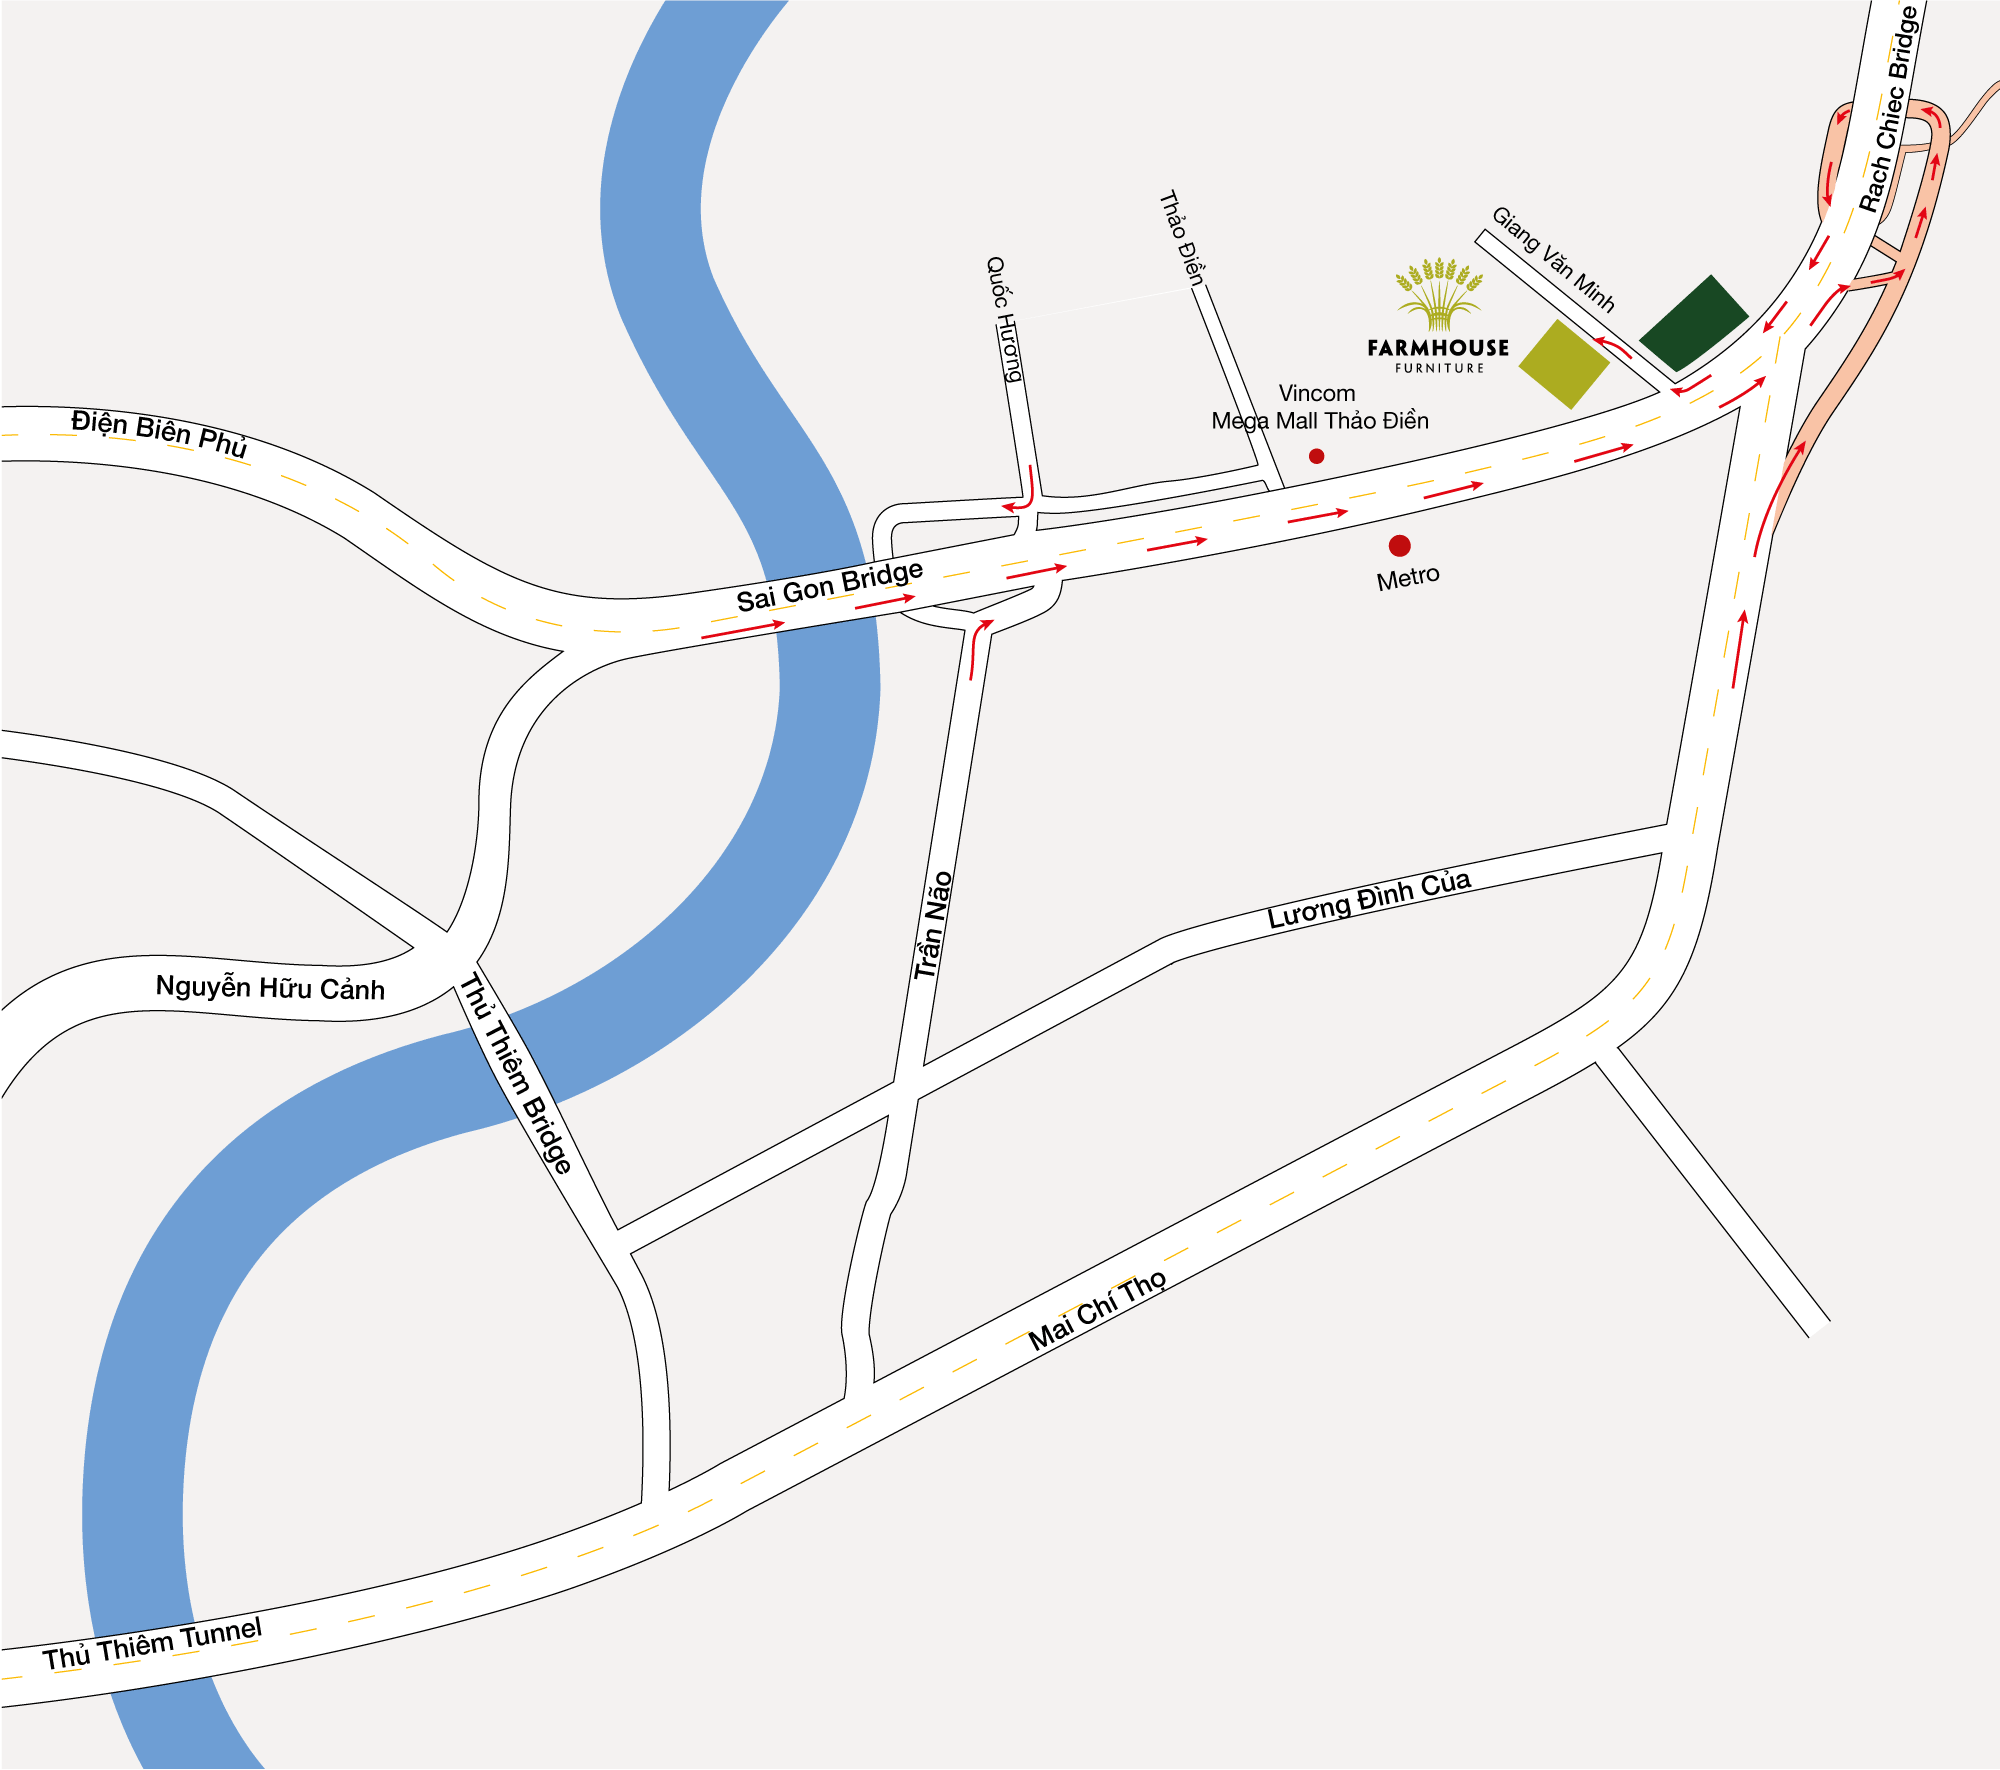 FARMHOUSE FURNITURE MAP